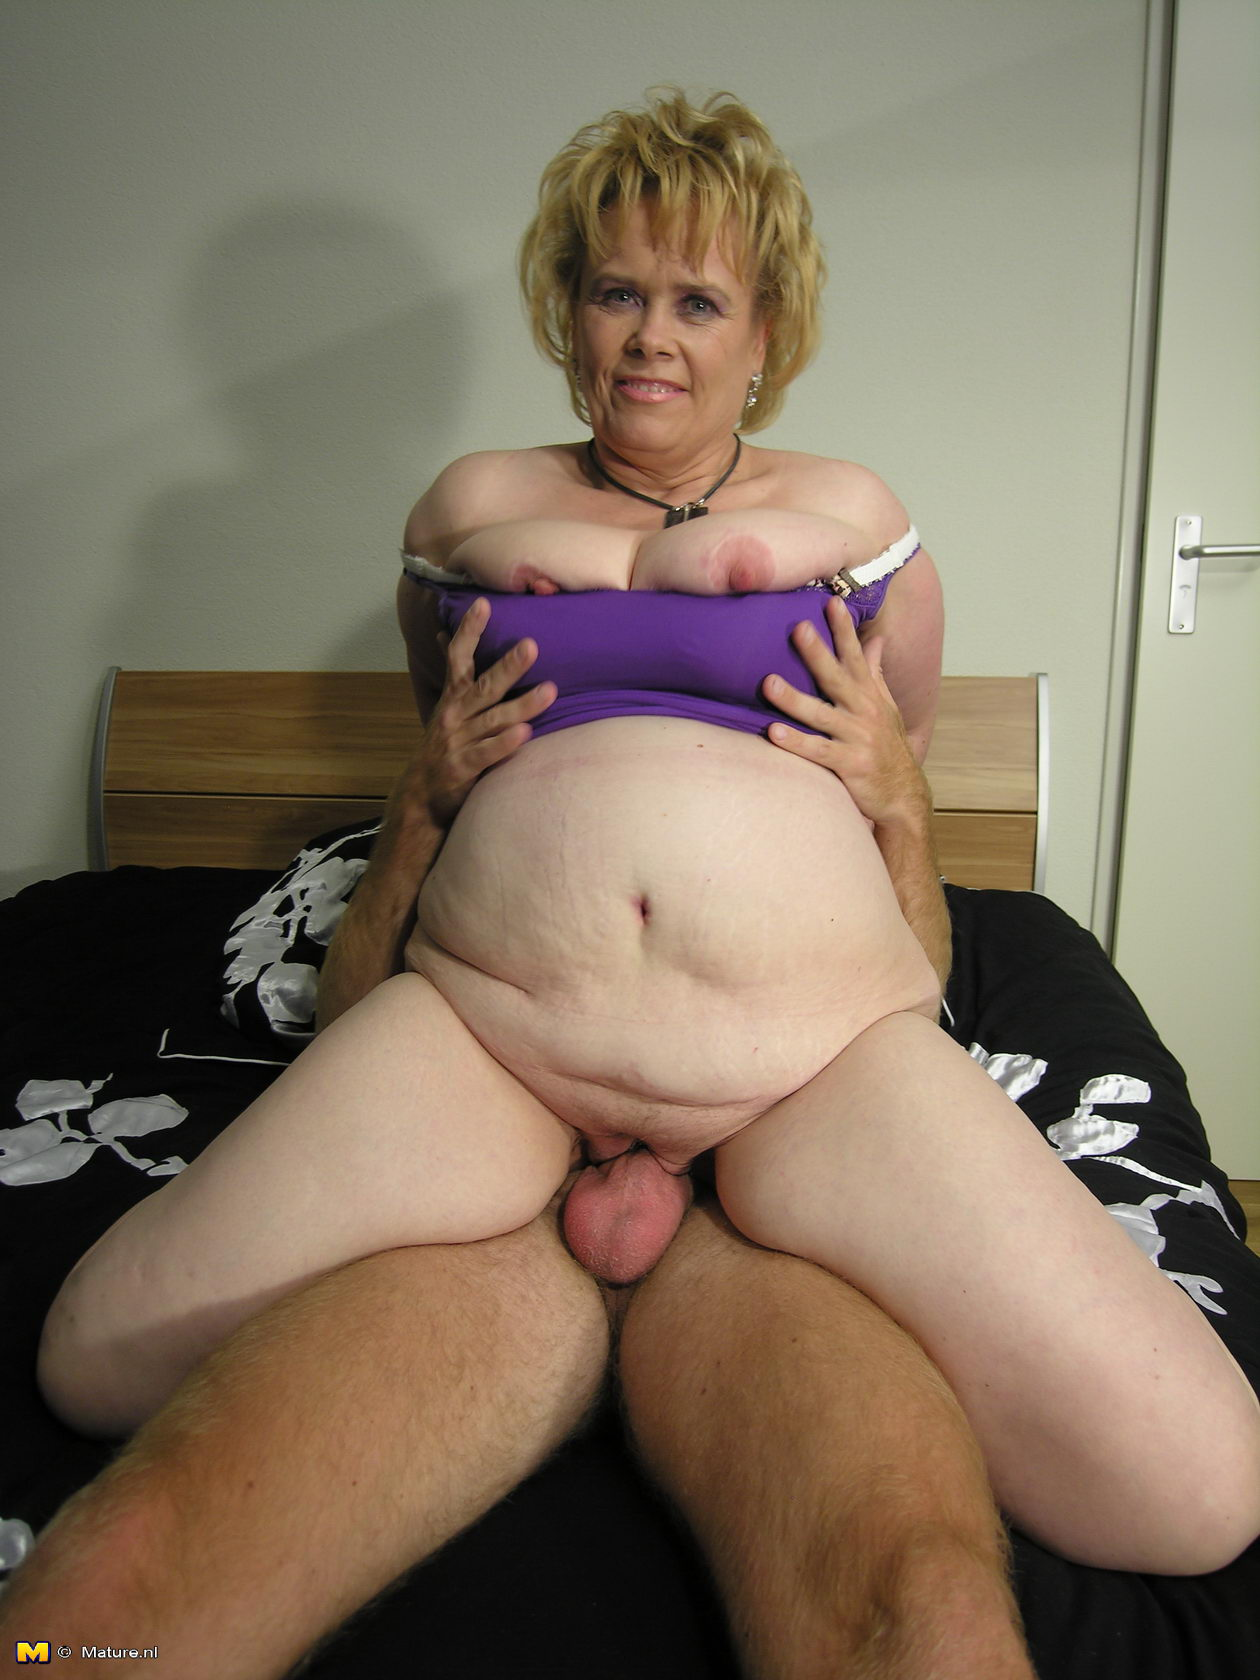 Pantyhose lesbian video clip